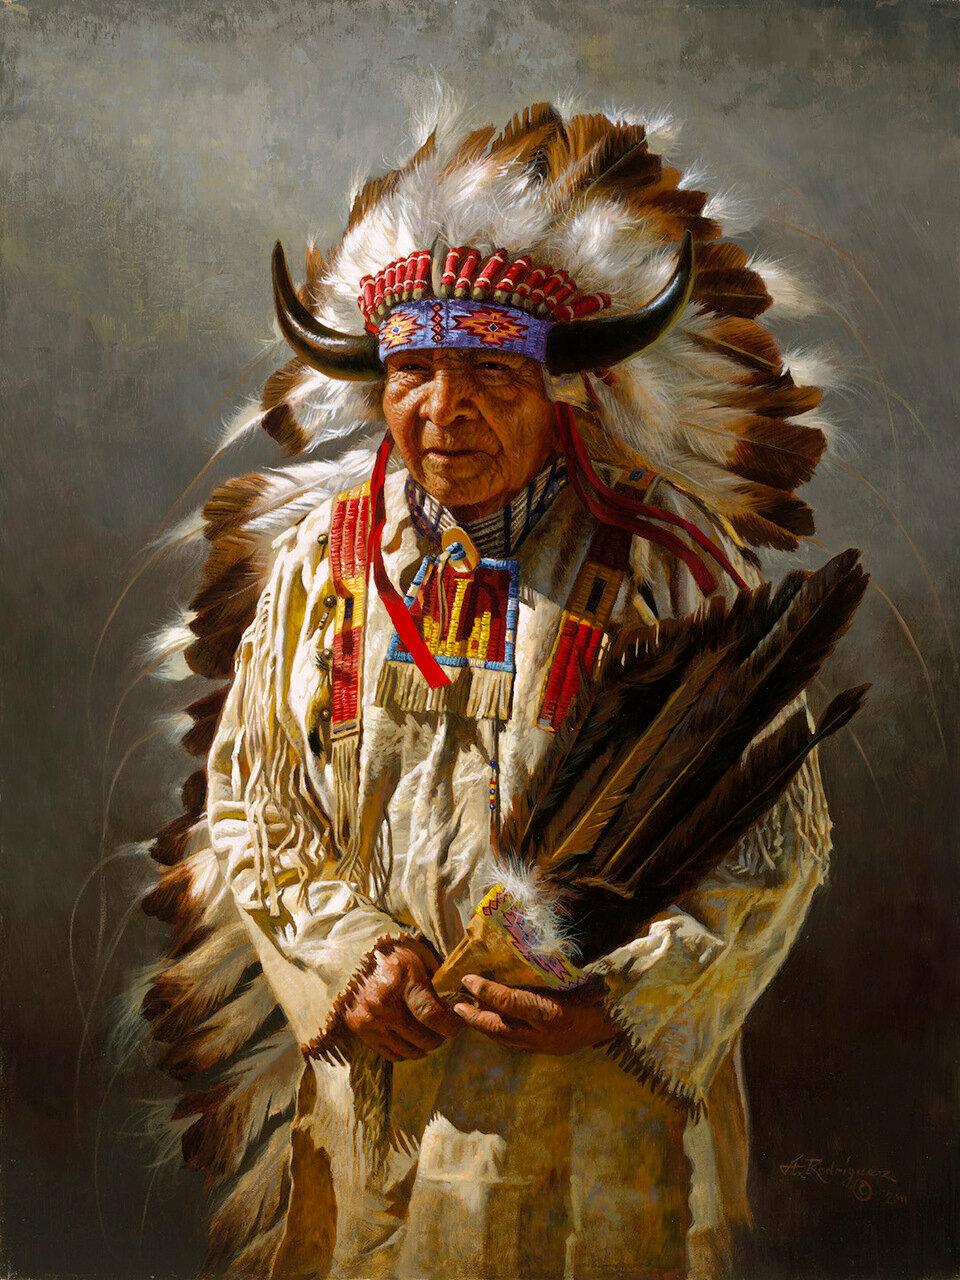 фото индейских вождей татуировки кулаком девушек